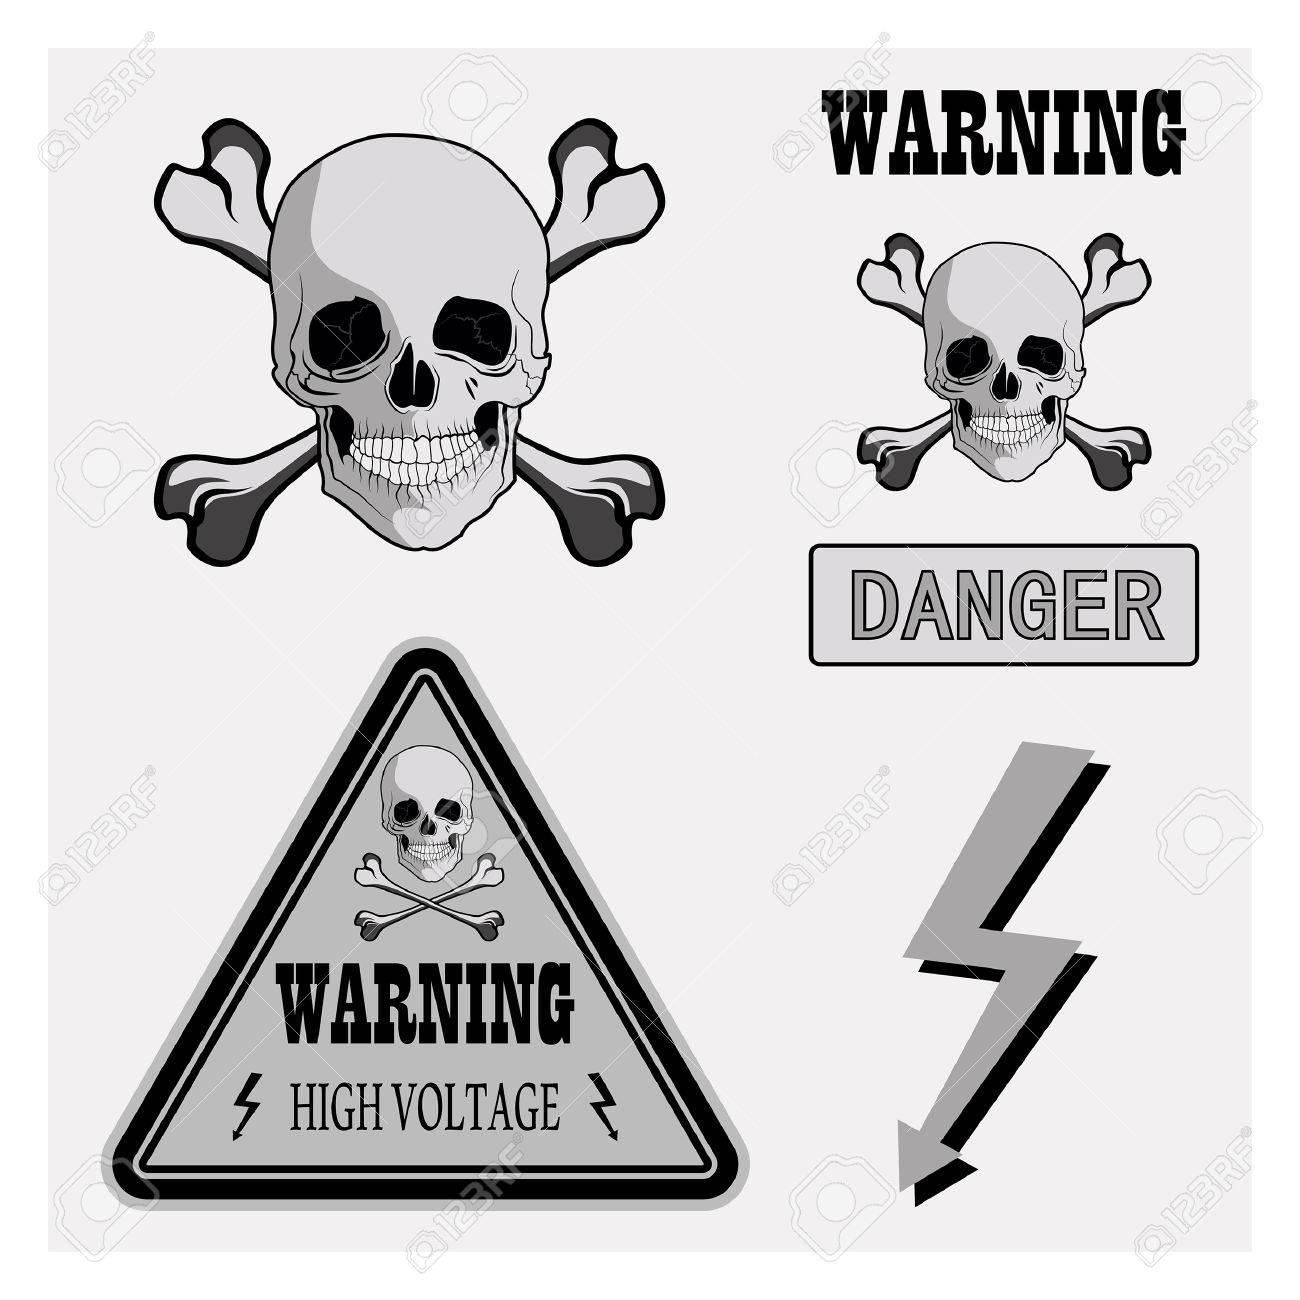 Warning Signs, Symbols. Danger, Skull, Crossbones, High Voltage ...